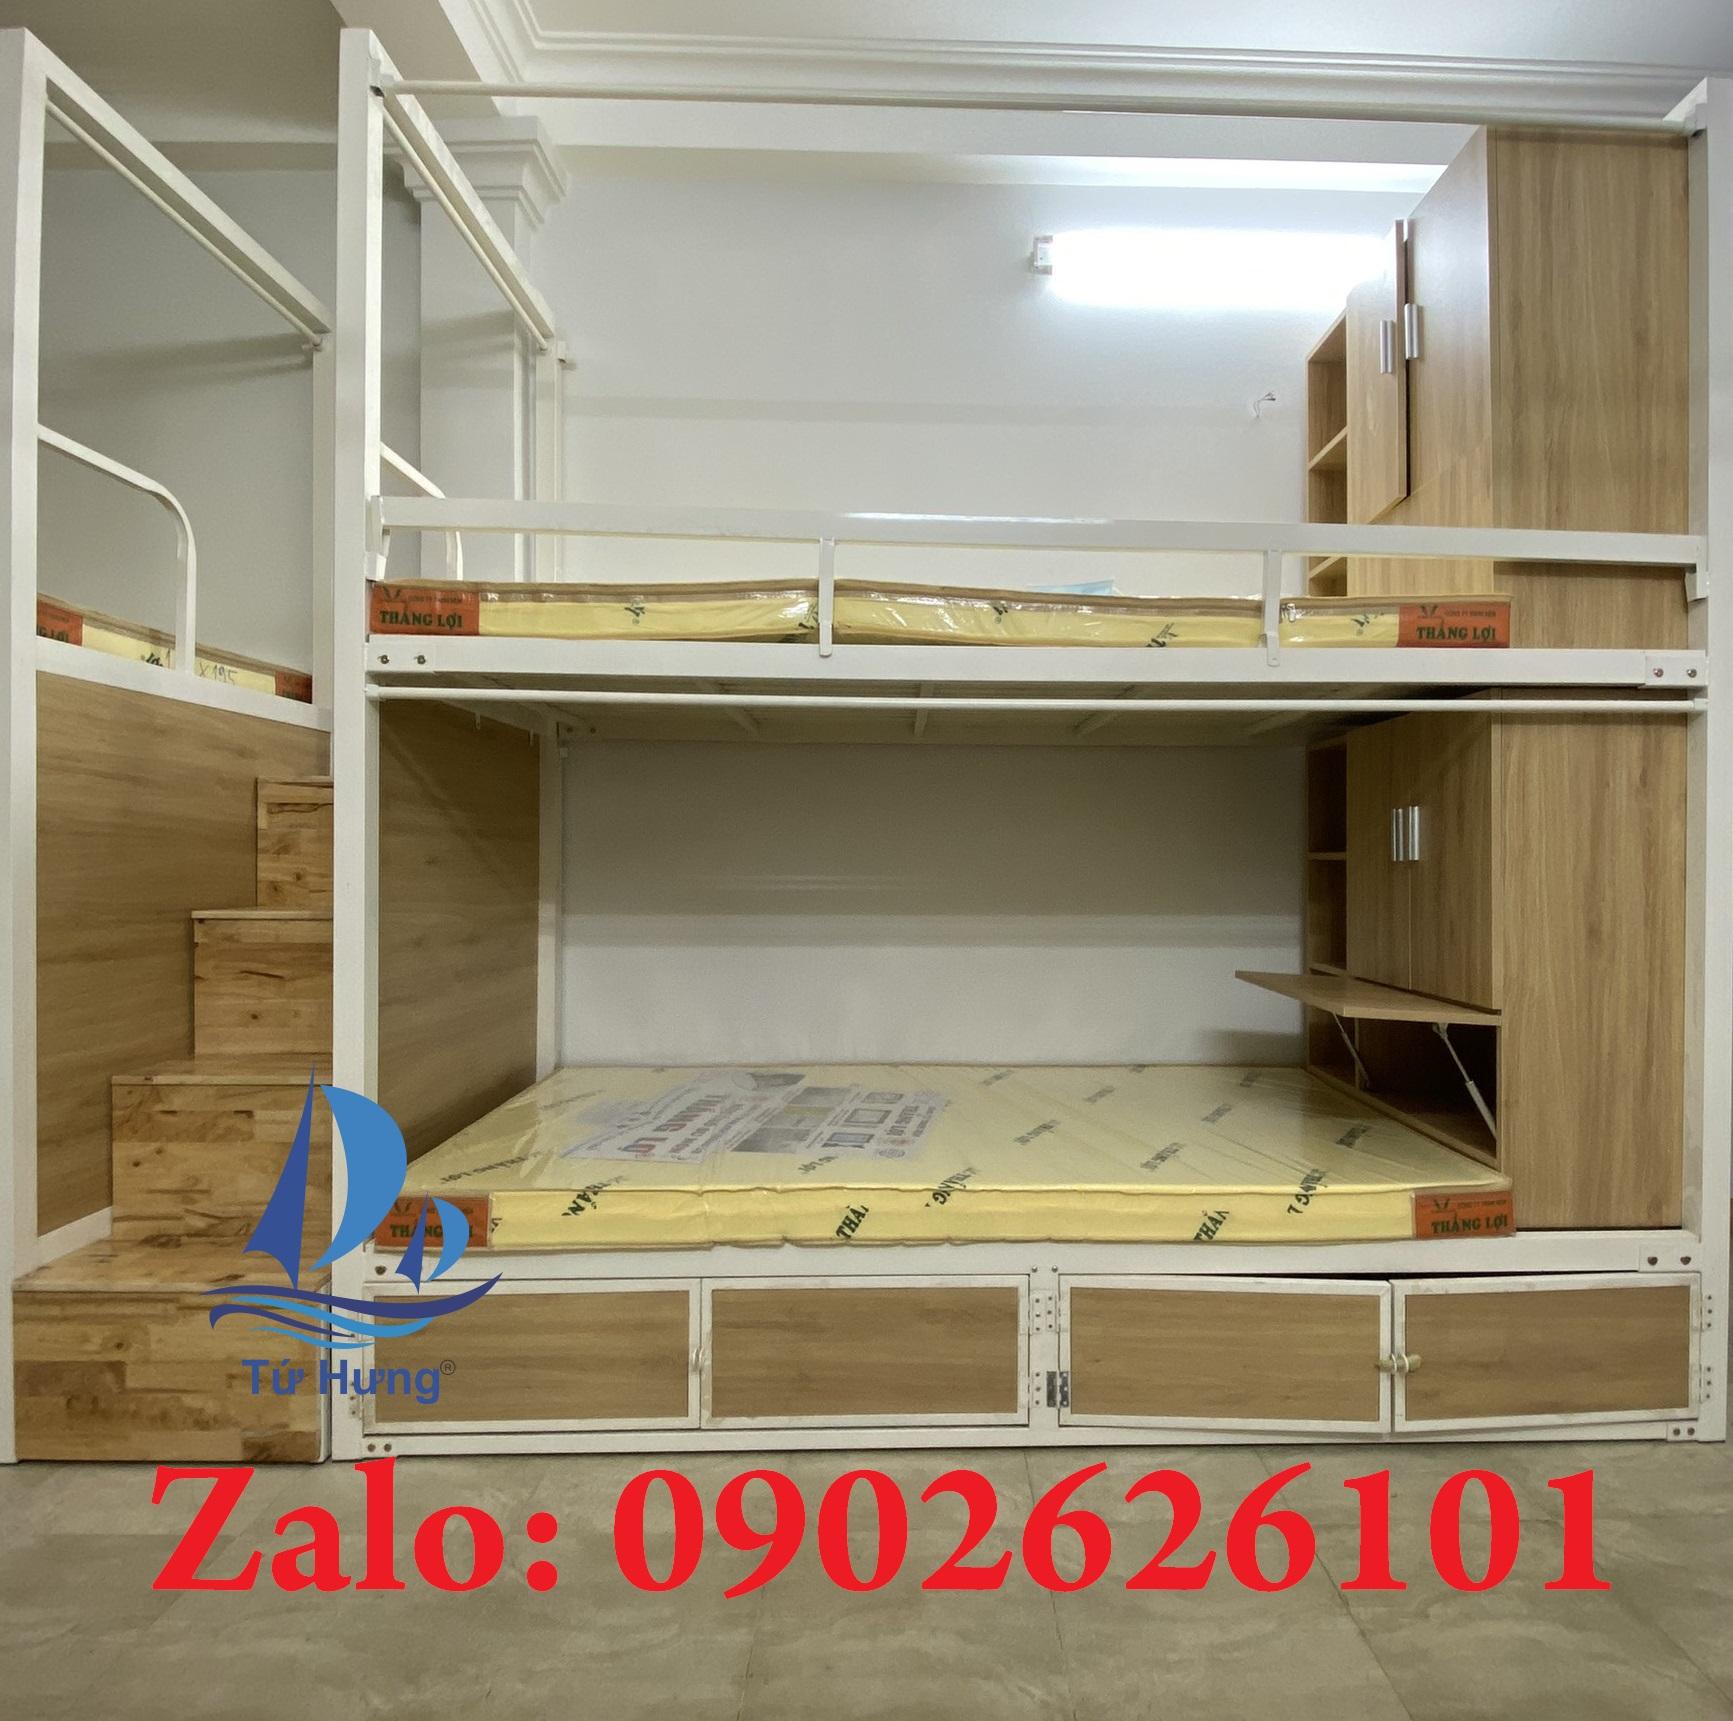 Z2304288608962 1e3910dec8fd5cfc763764f01fa6f393